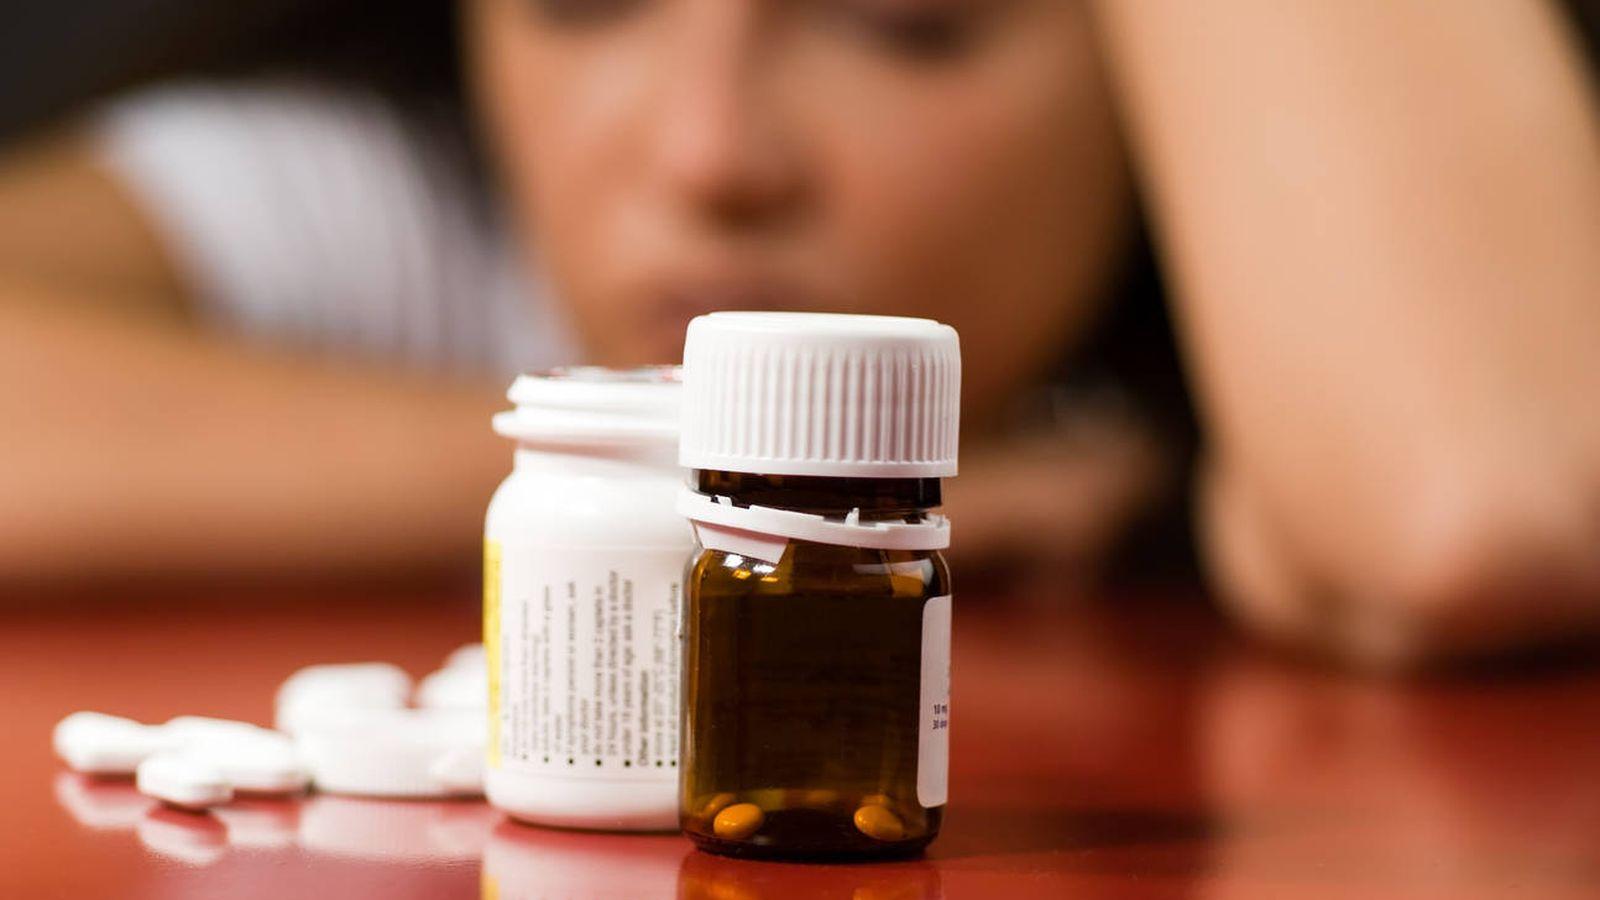 Perder peso tras dejar antidepresivos